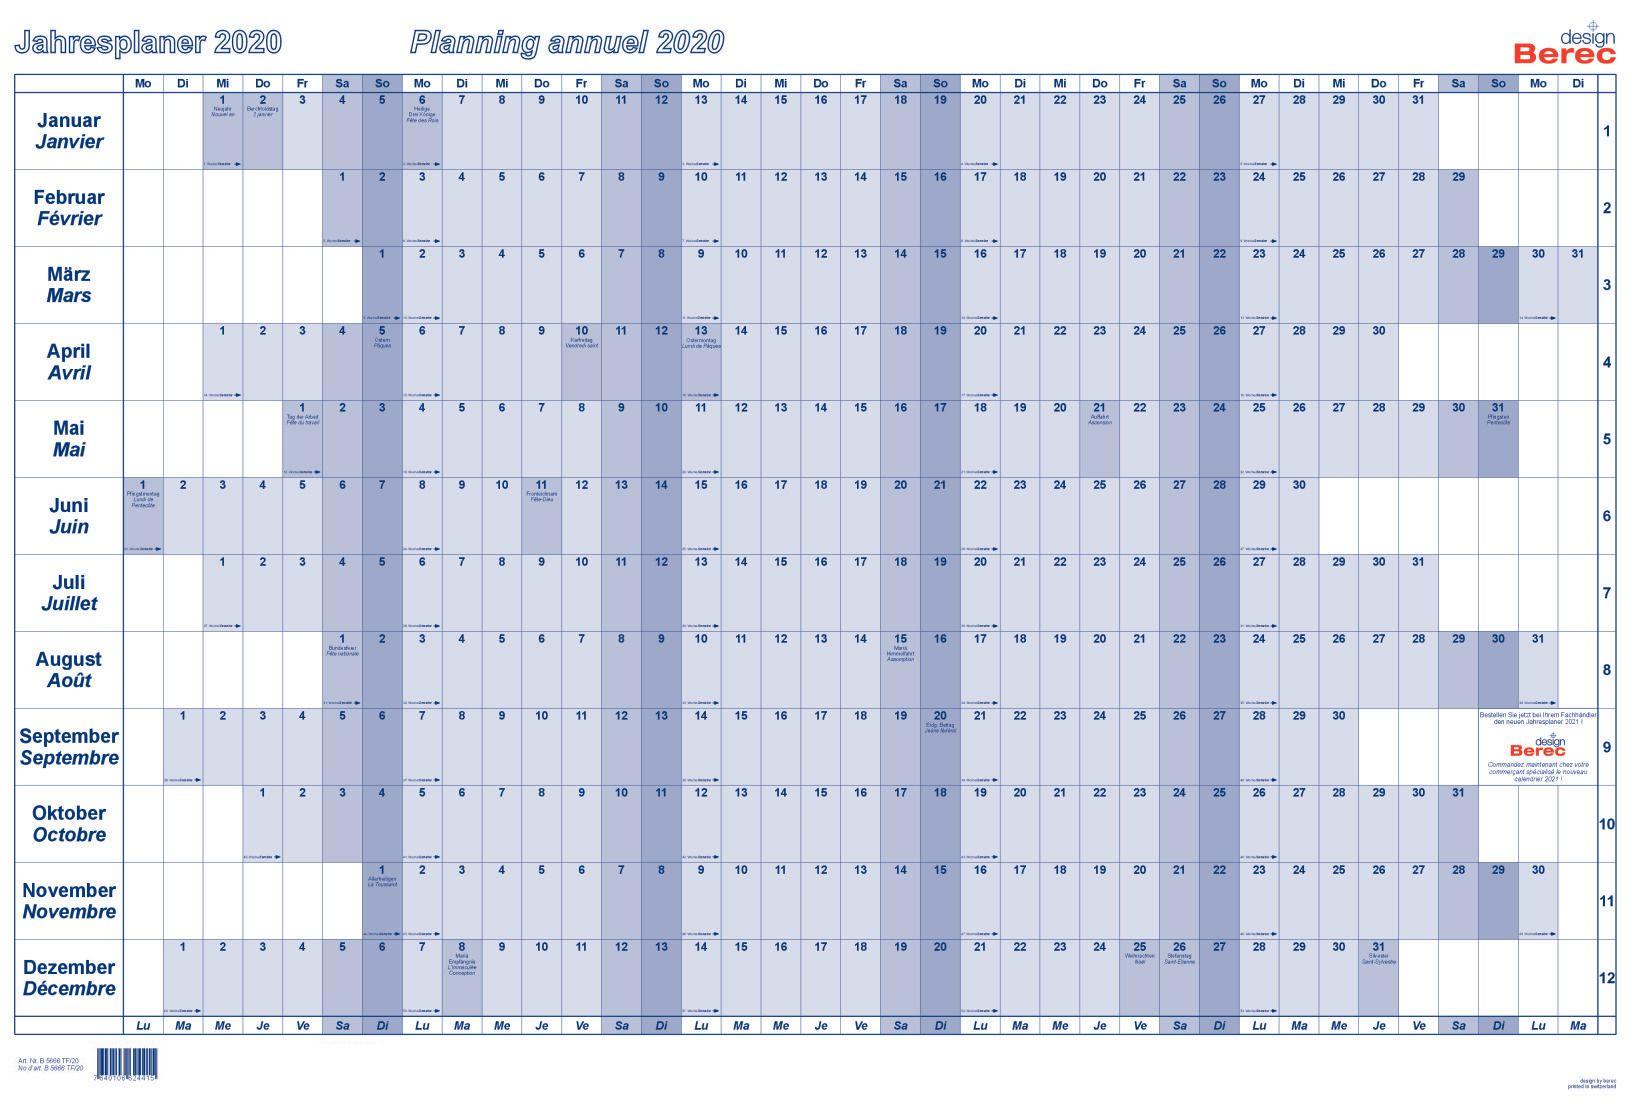 Calendario Annuale 2020.Berec Calendario Annuale 90x60cm B5666tf20 2020 Blu